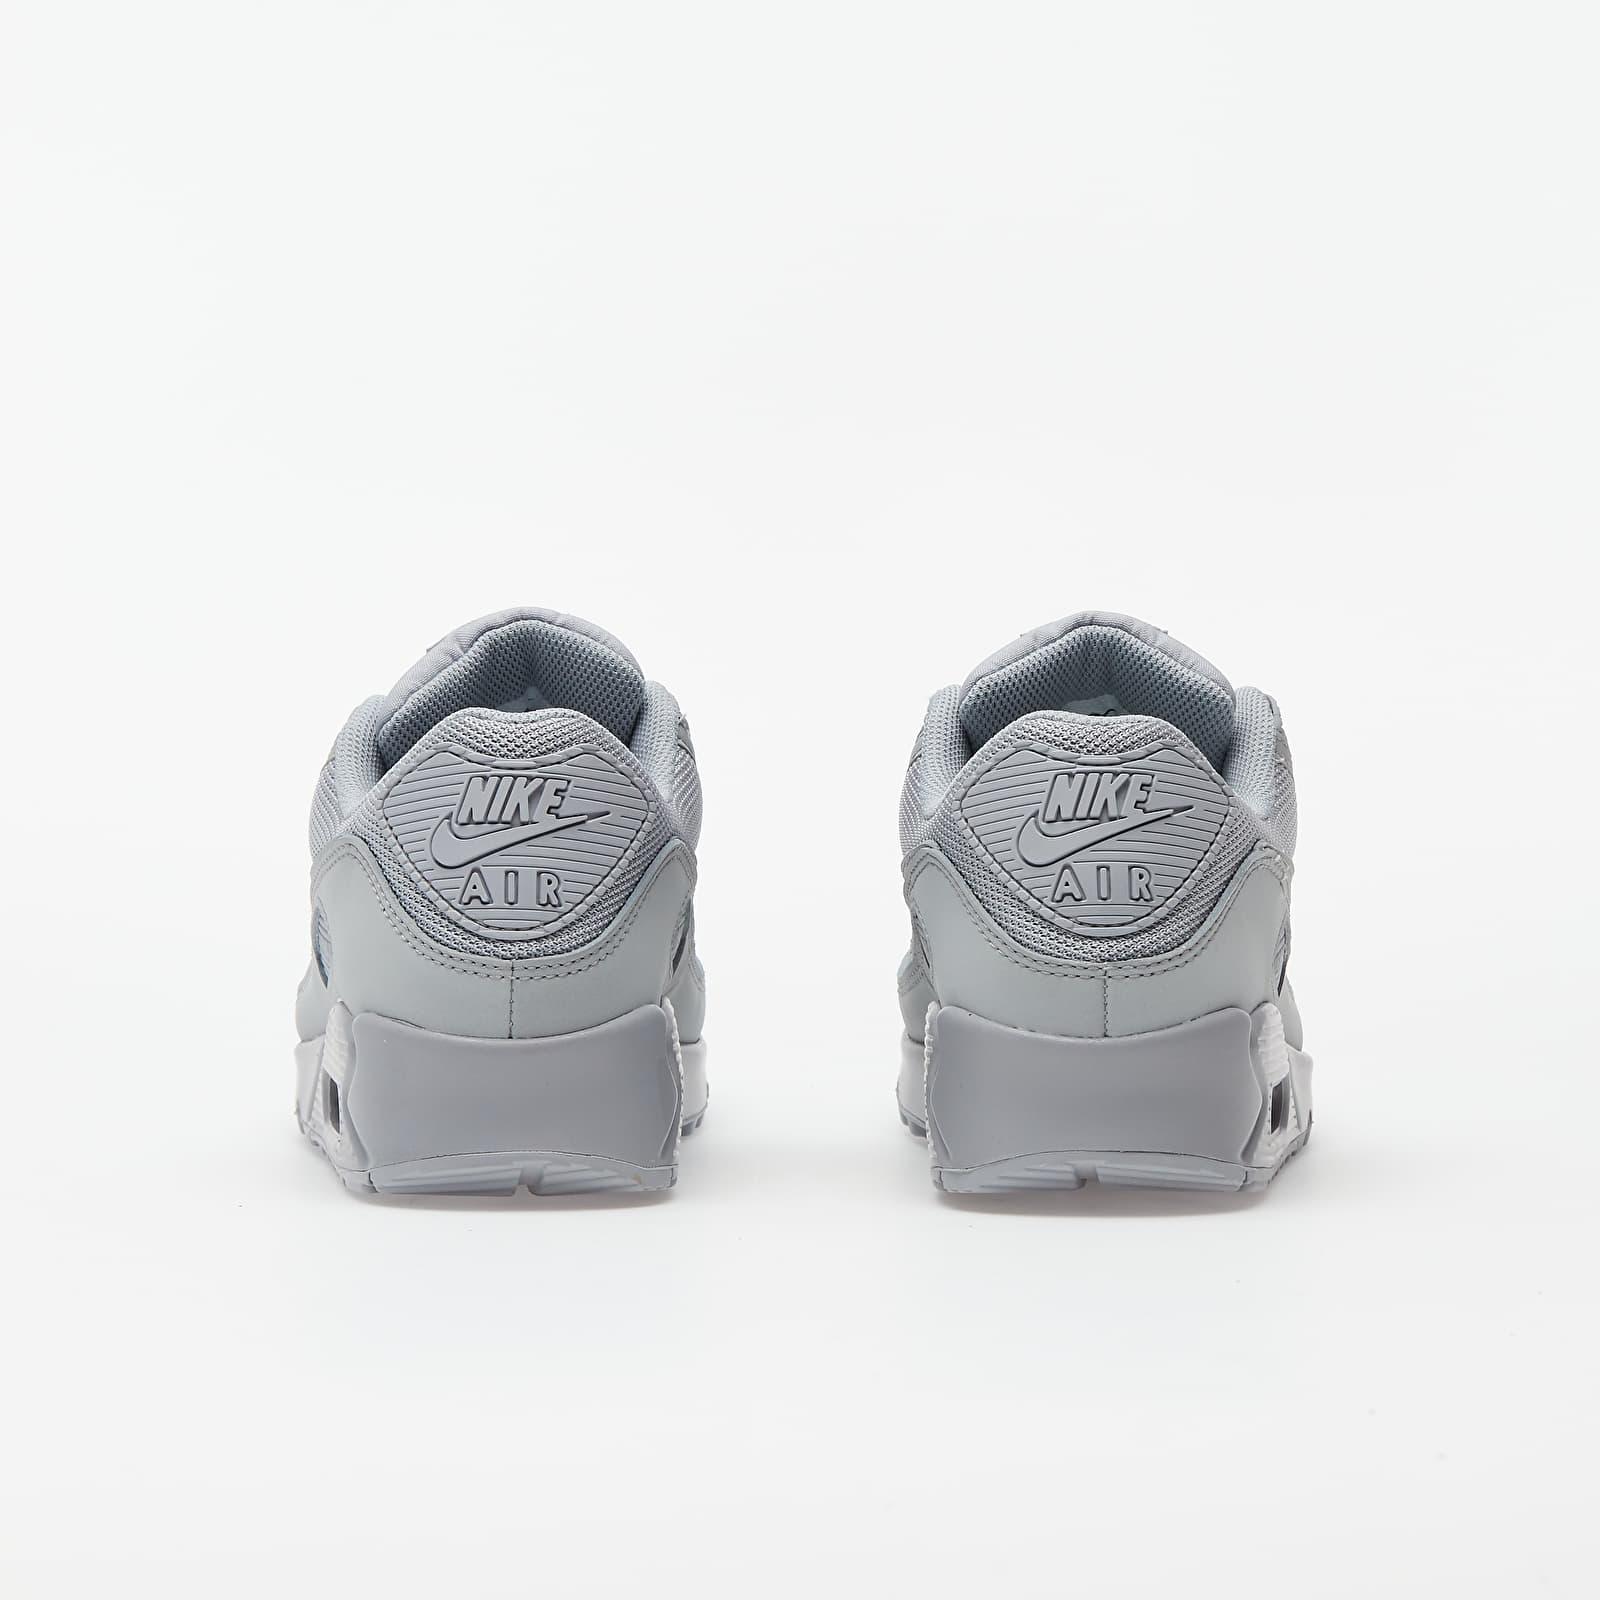 Nike Air Max 90 Wolf Grey/ Wolf Grey-Wolf Grey-Black, Gray